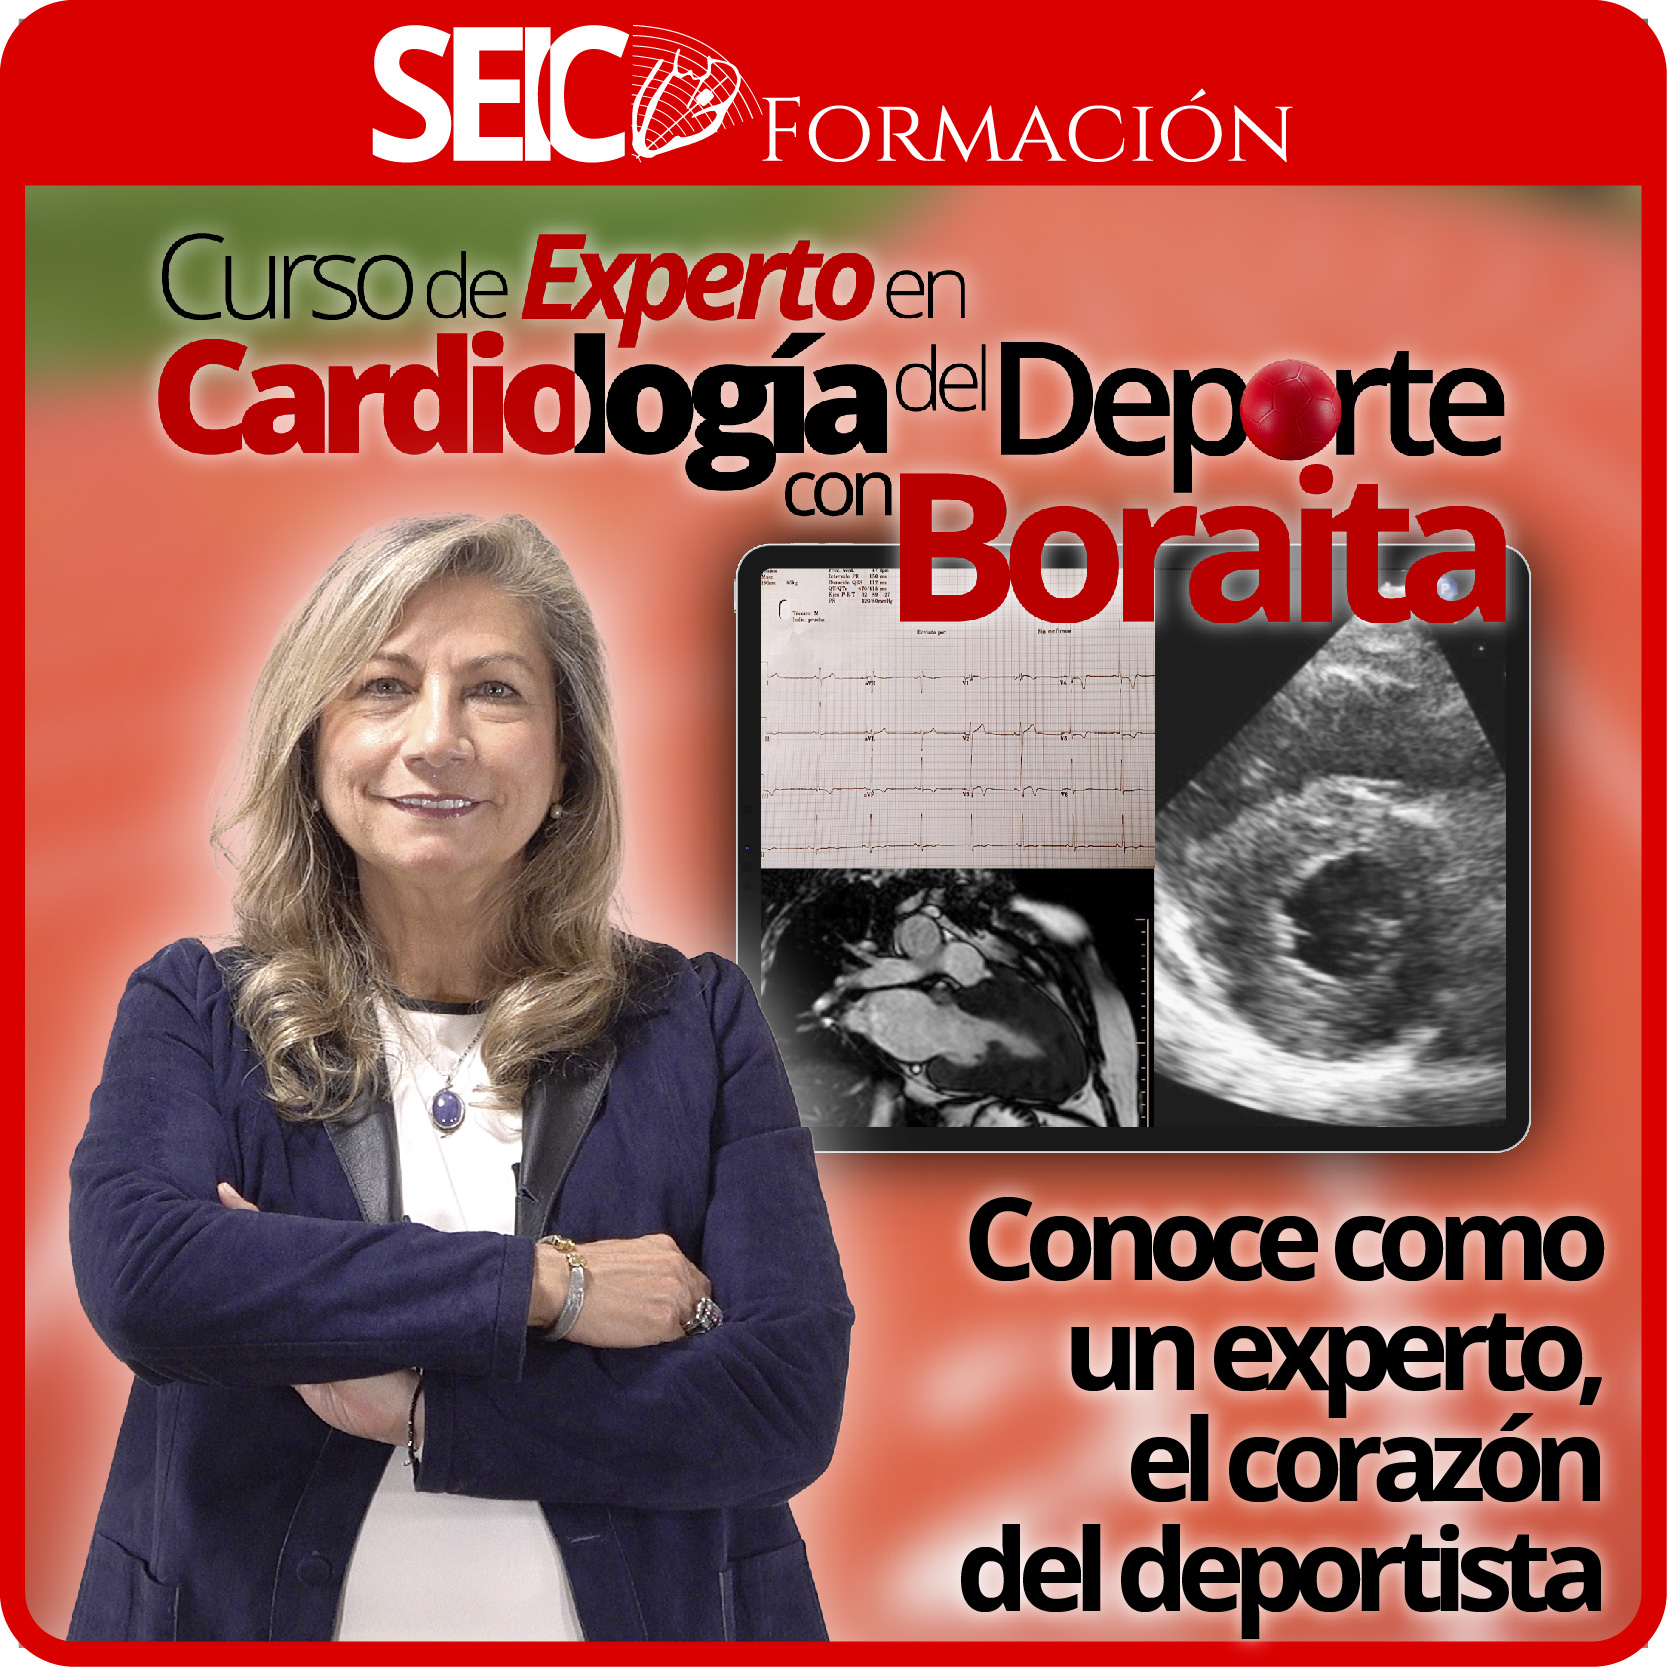 Curso de Experto en Cardiología del Deporte con Boraita